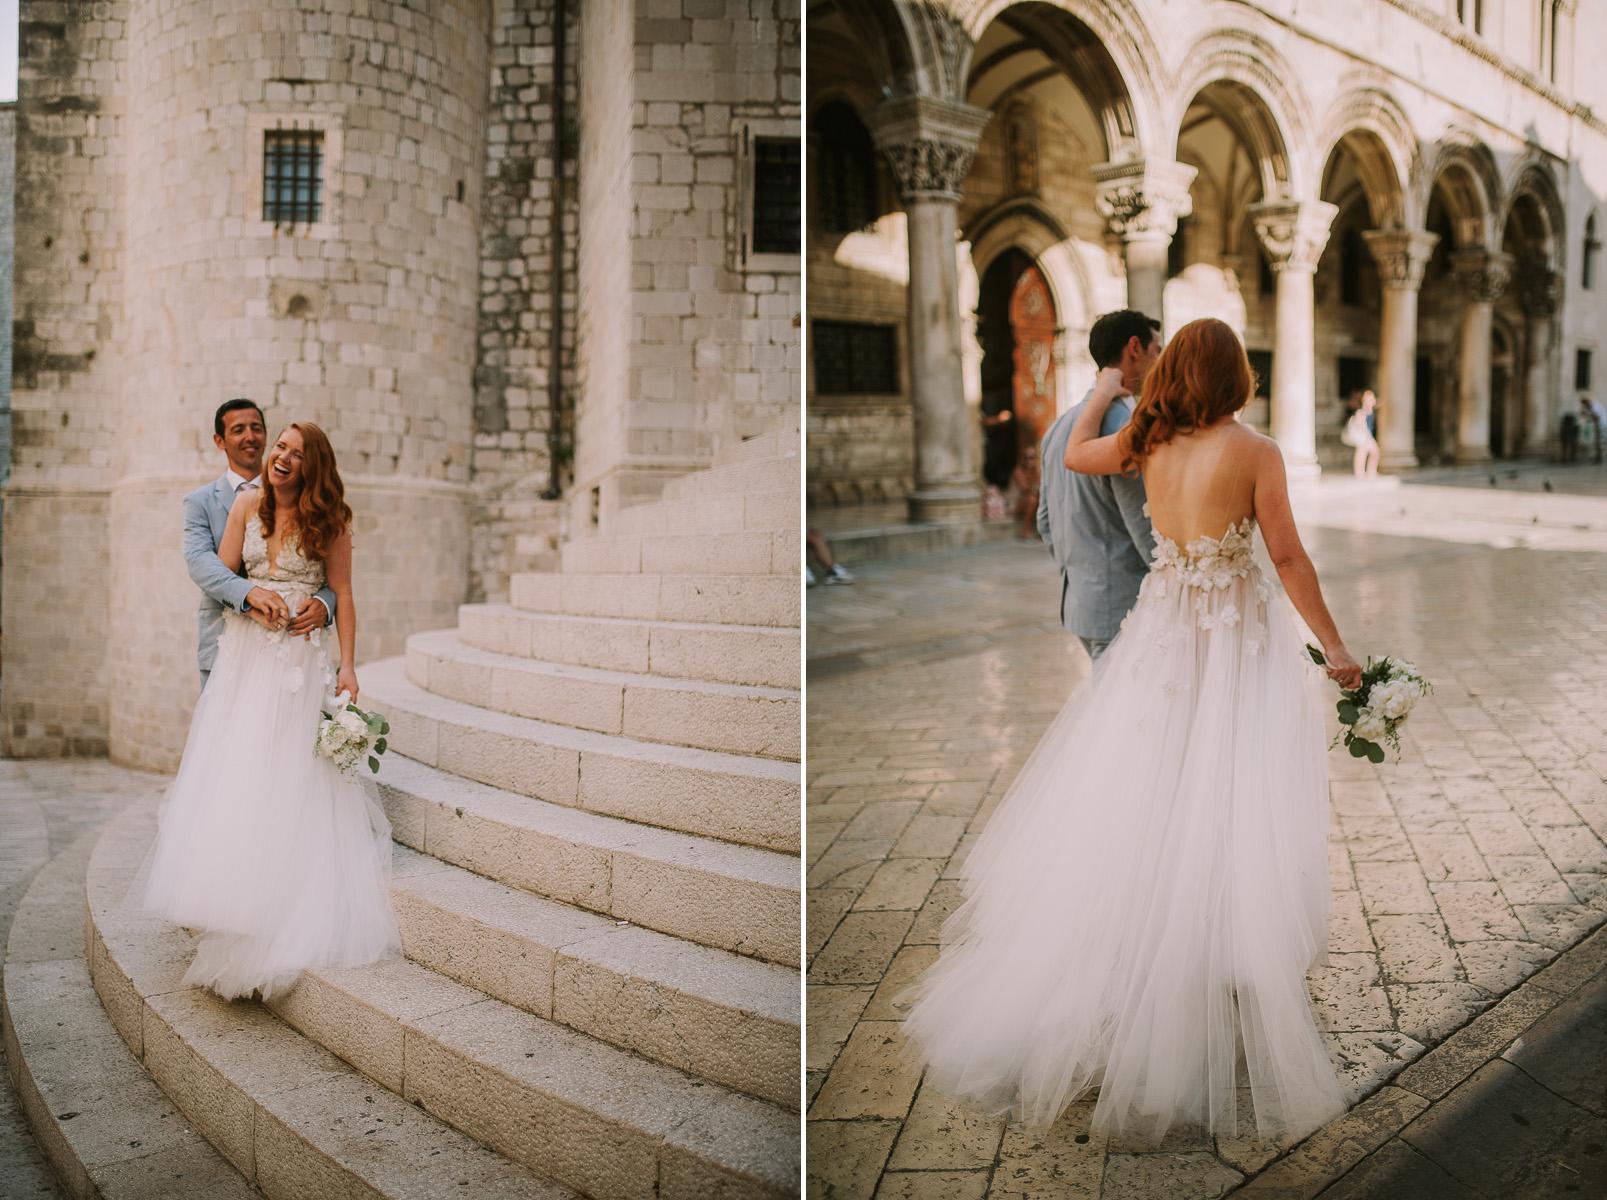 wedding in dubrovnik - de botanika weddings (69 of 193).jpg